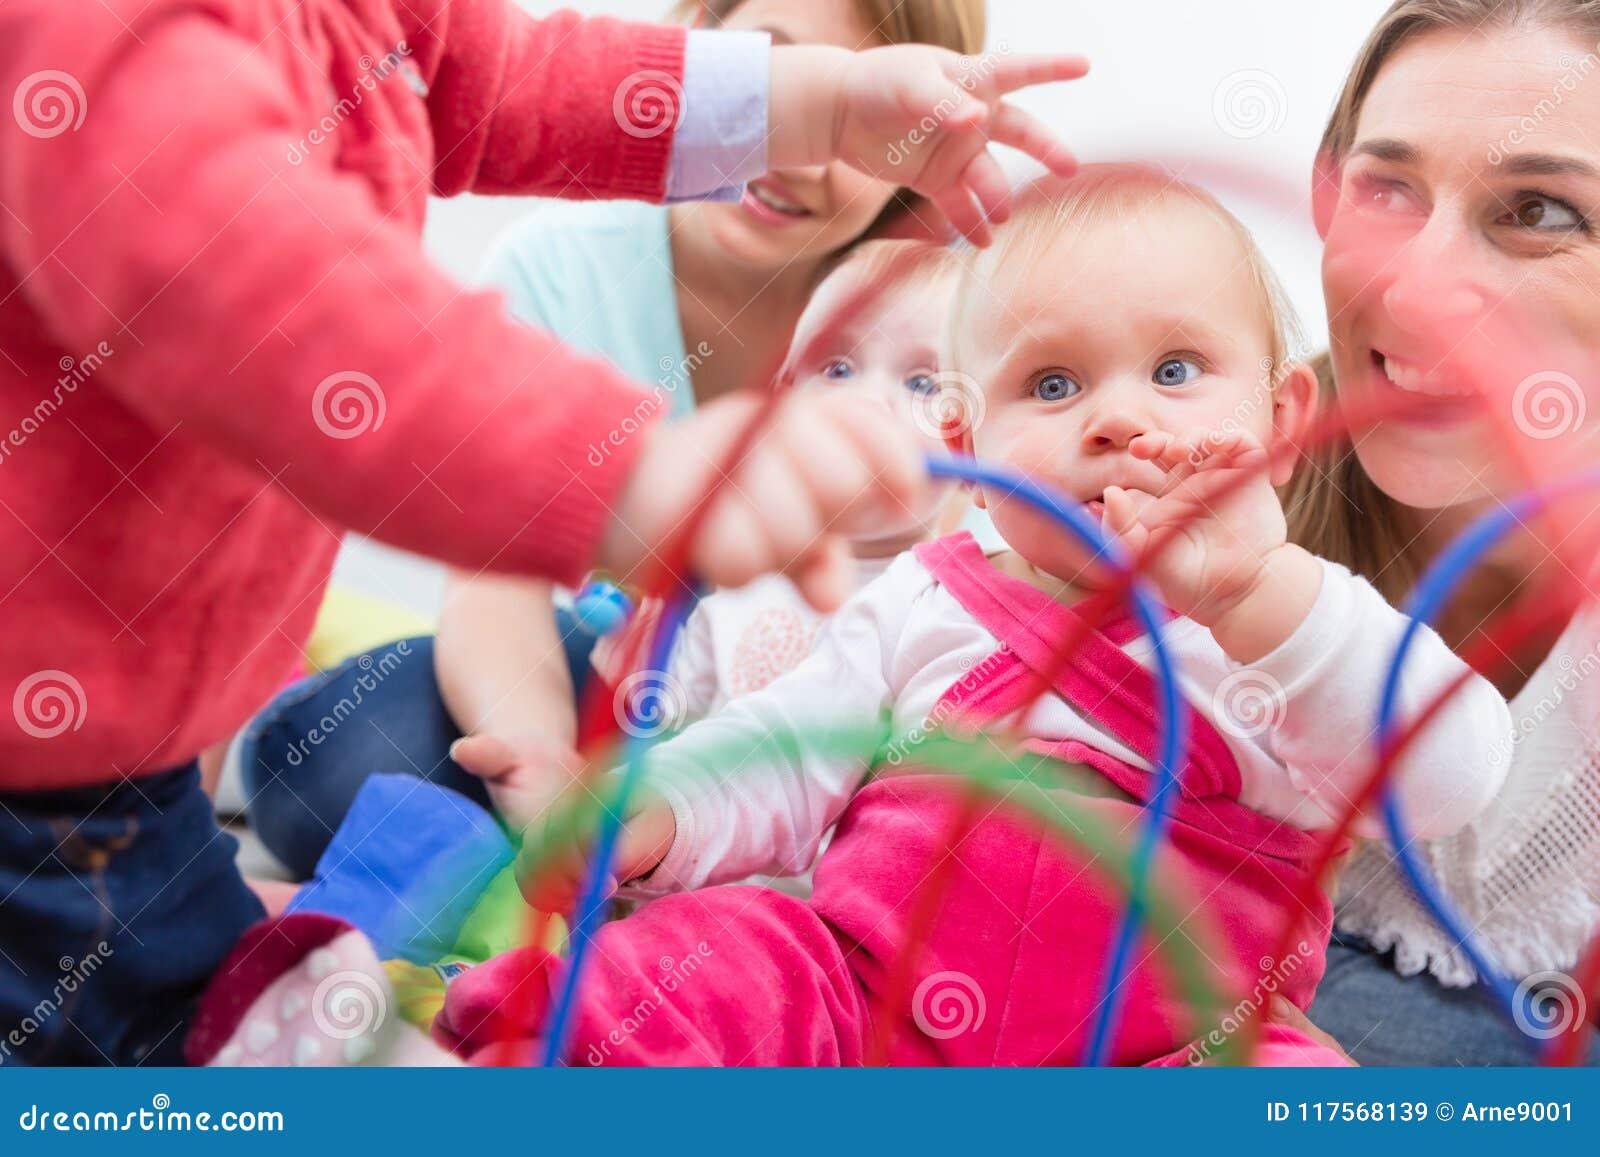 Ομάδα ευτυχών νέων μητέρων που προσέχουν το χαριτωμένο και υγιές παιχνίδι μωρών τους